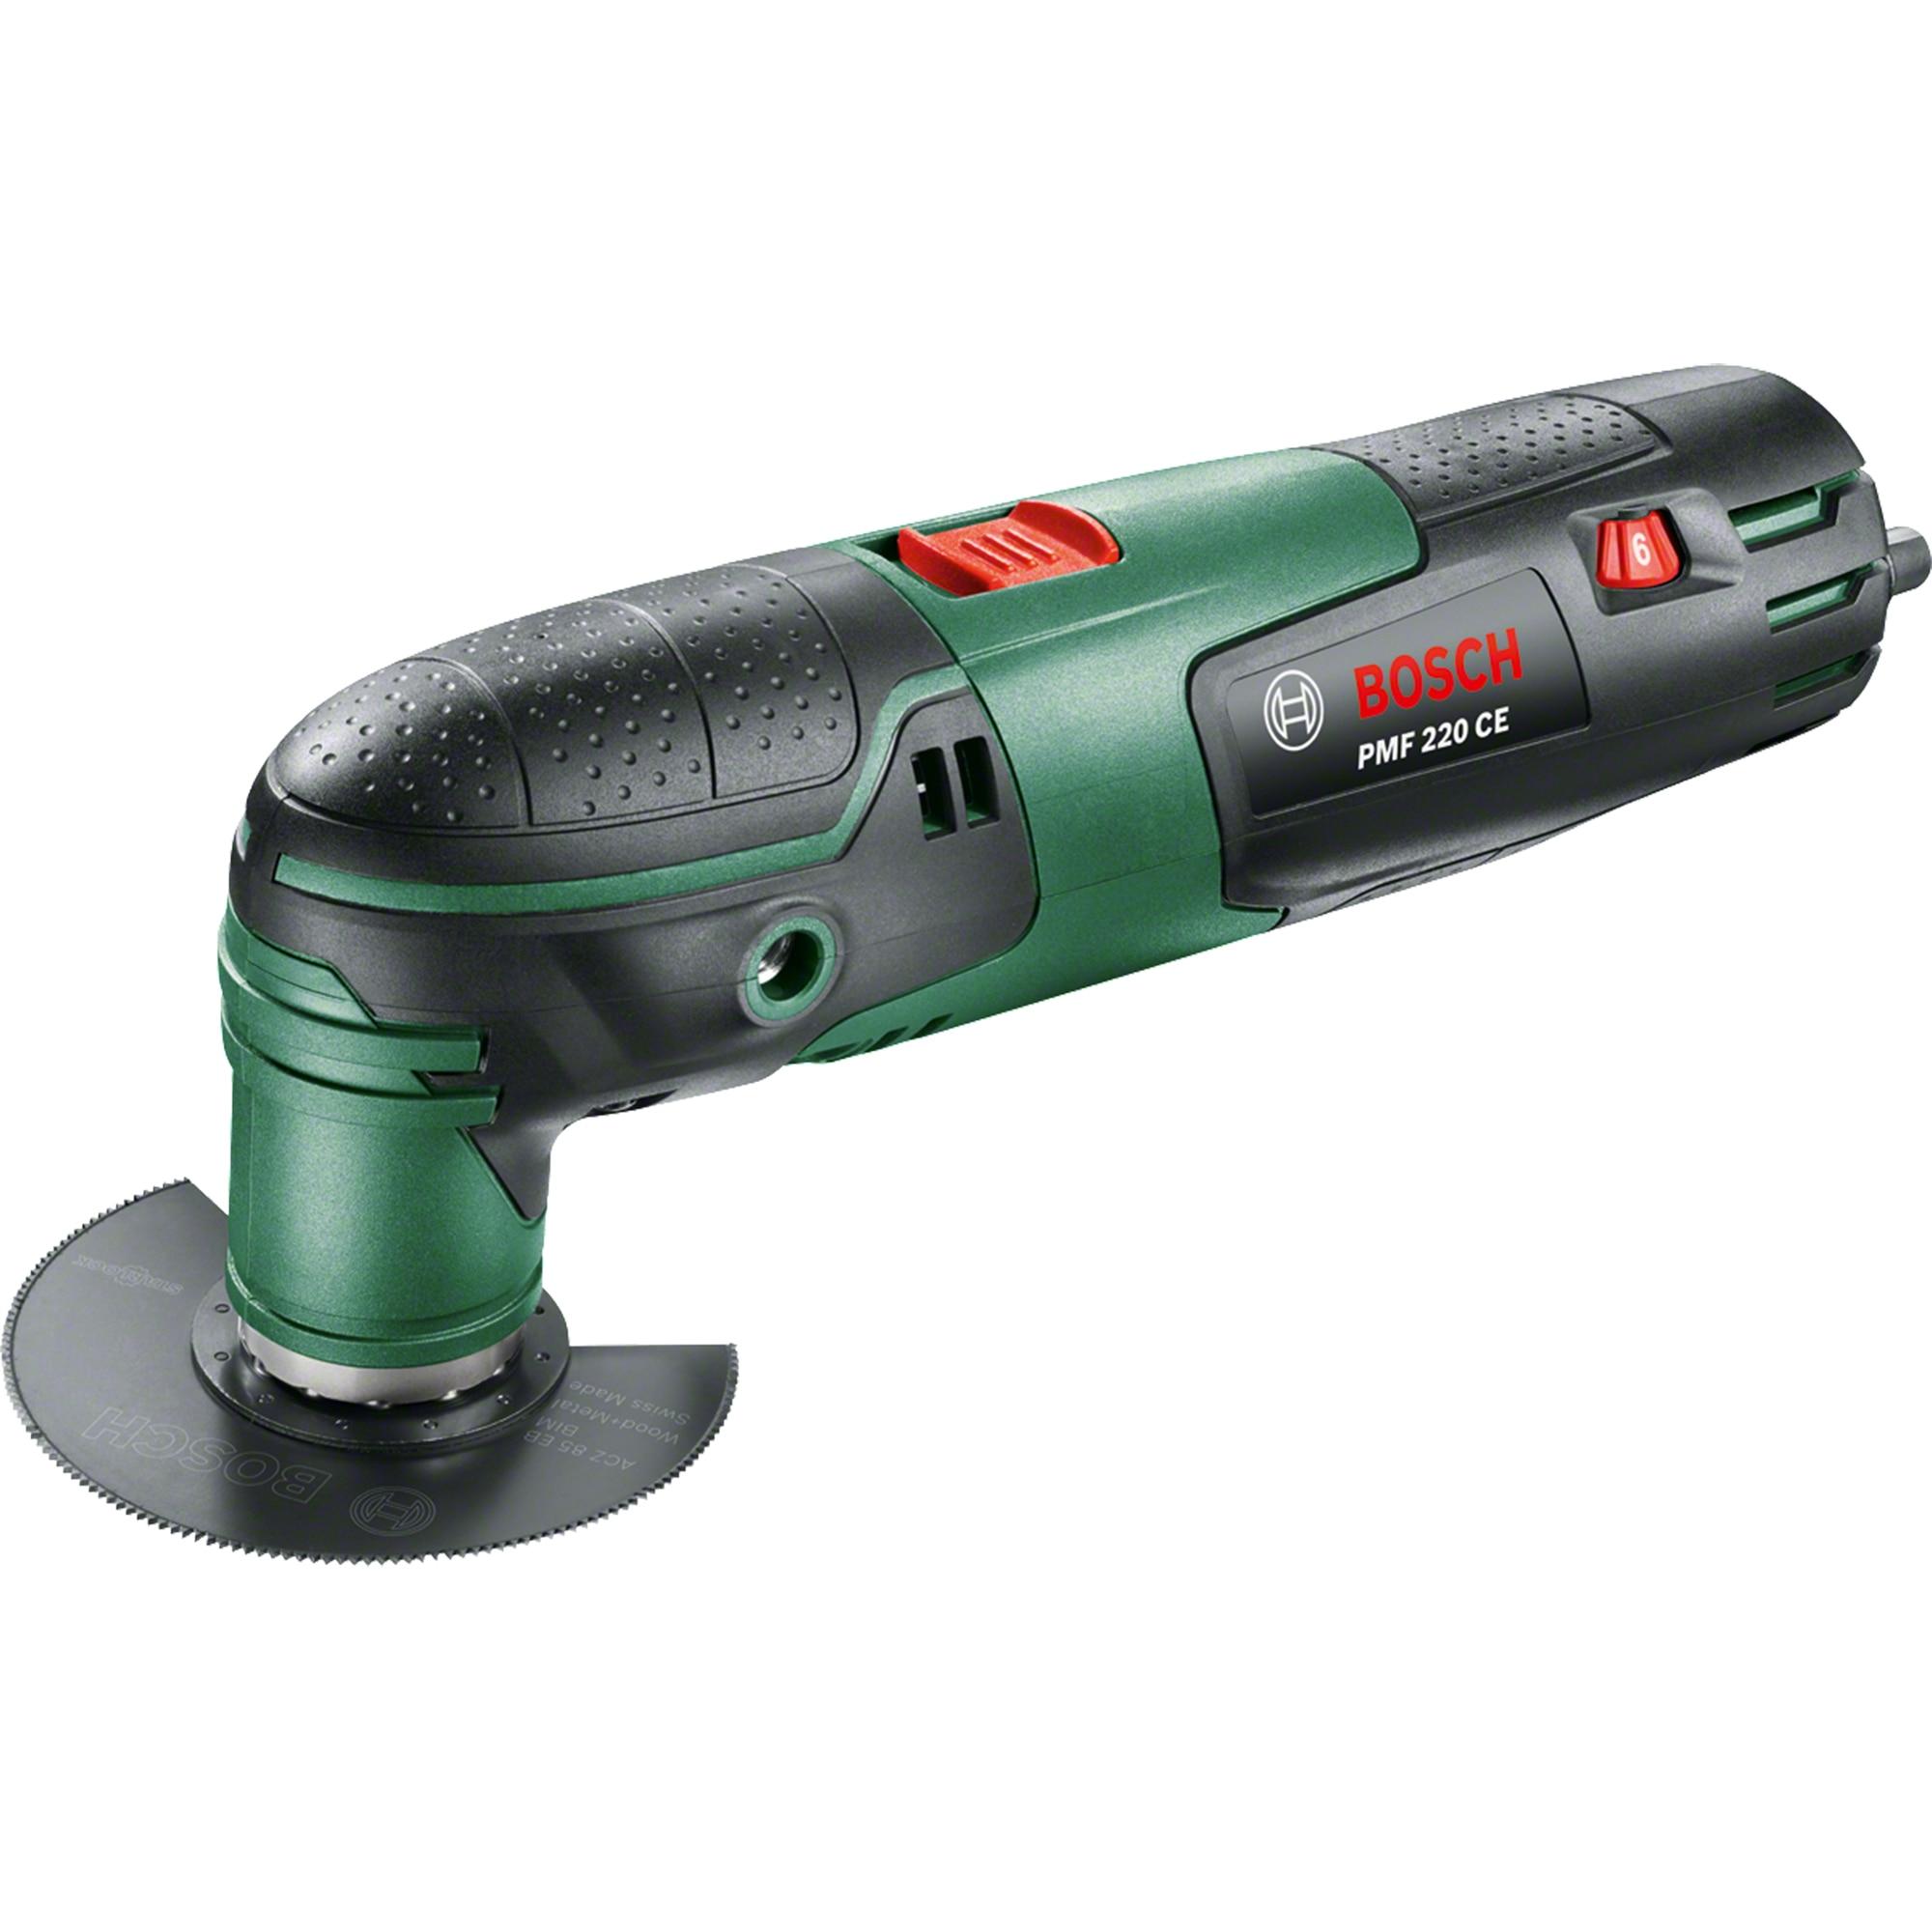 Fotografie Unealta multifunctionala Bosch PMF 220 CE, 220 W, 20000 RPM, sistem Starlock, 7 accesorii incluse